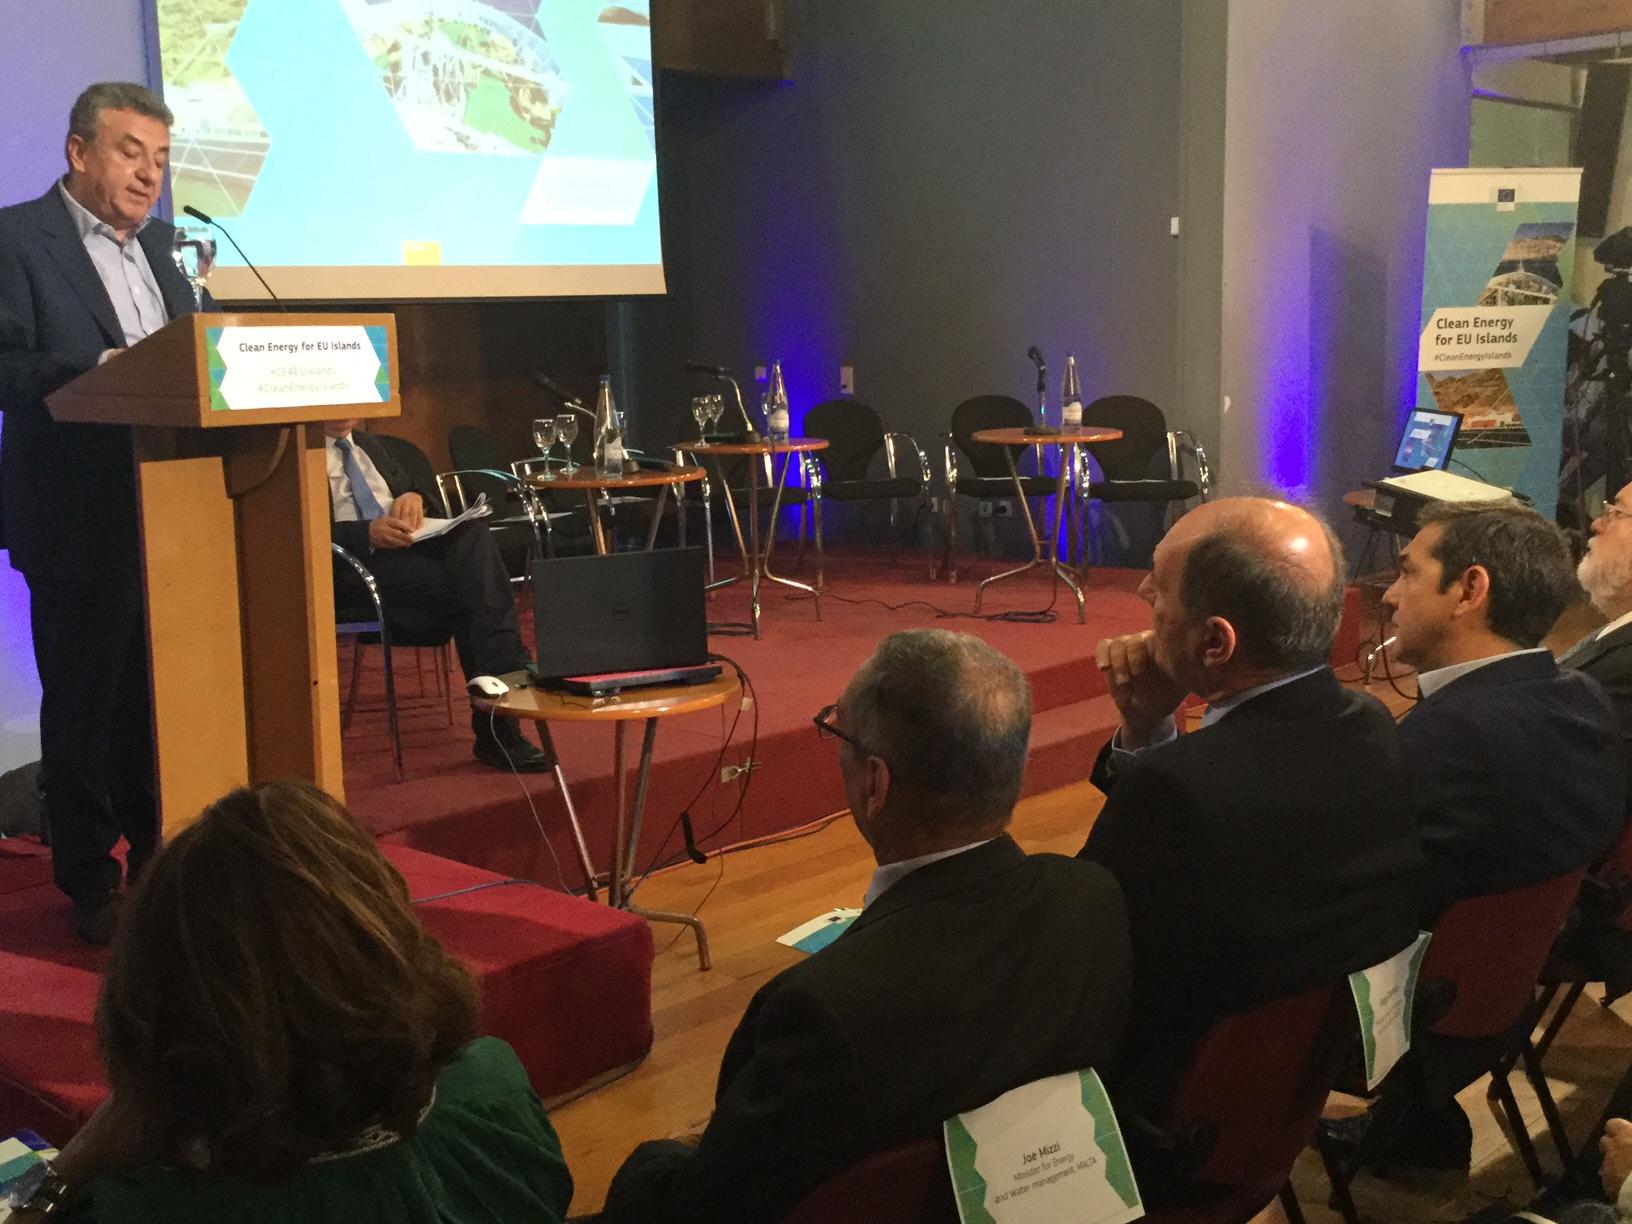 Στ. Αρναουτάκης: «Θέλουμε η Κρήτη να αποτελέσει πρότυπο βιώσιμης ανάπτυξης και καθαρής ενέργειας» (pics)